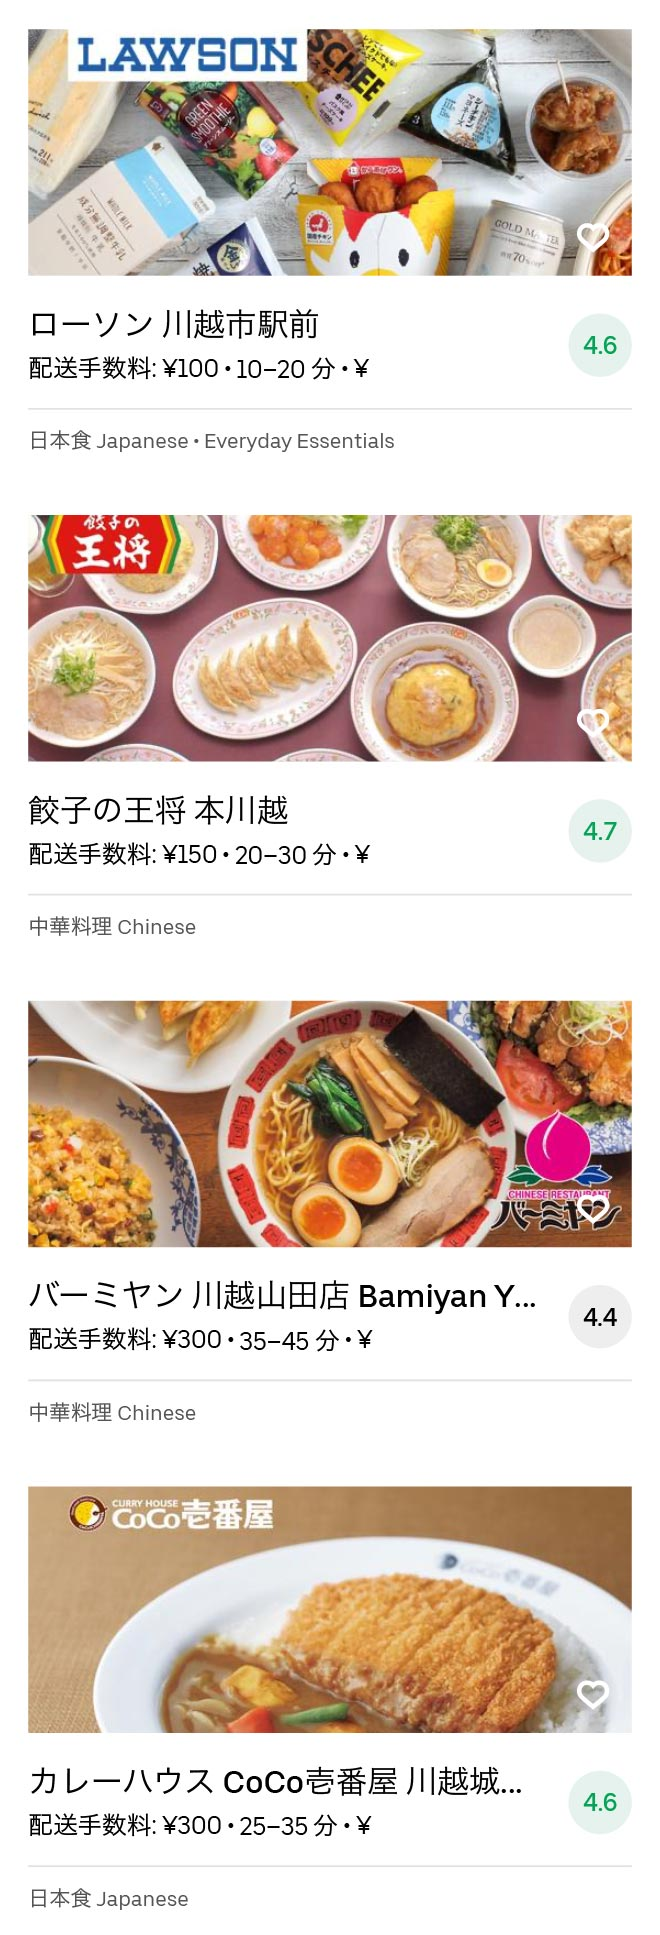 Kawagoeshi menu 2008 05